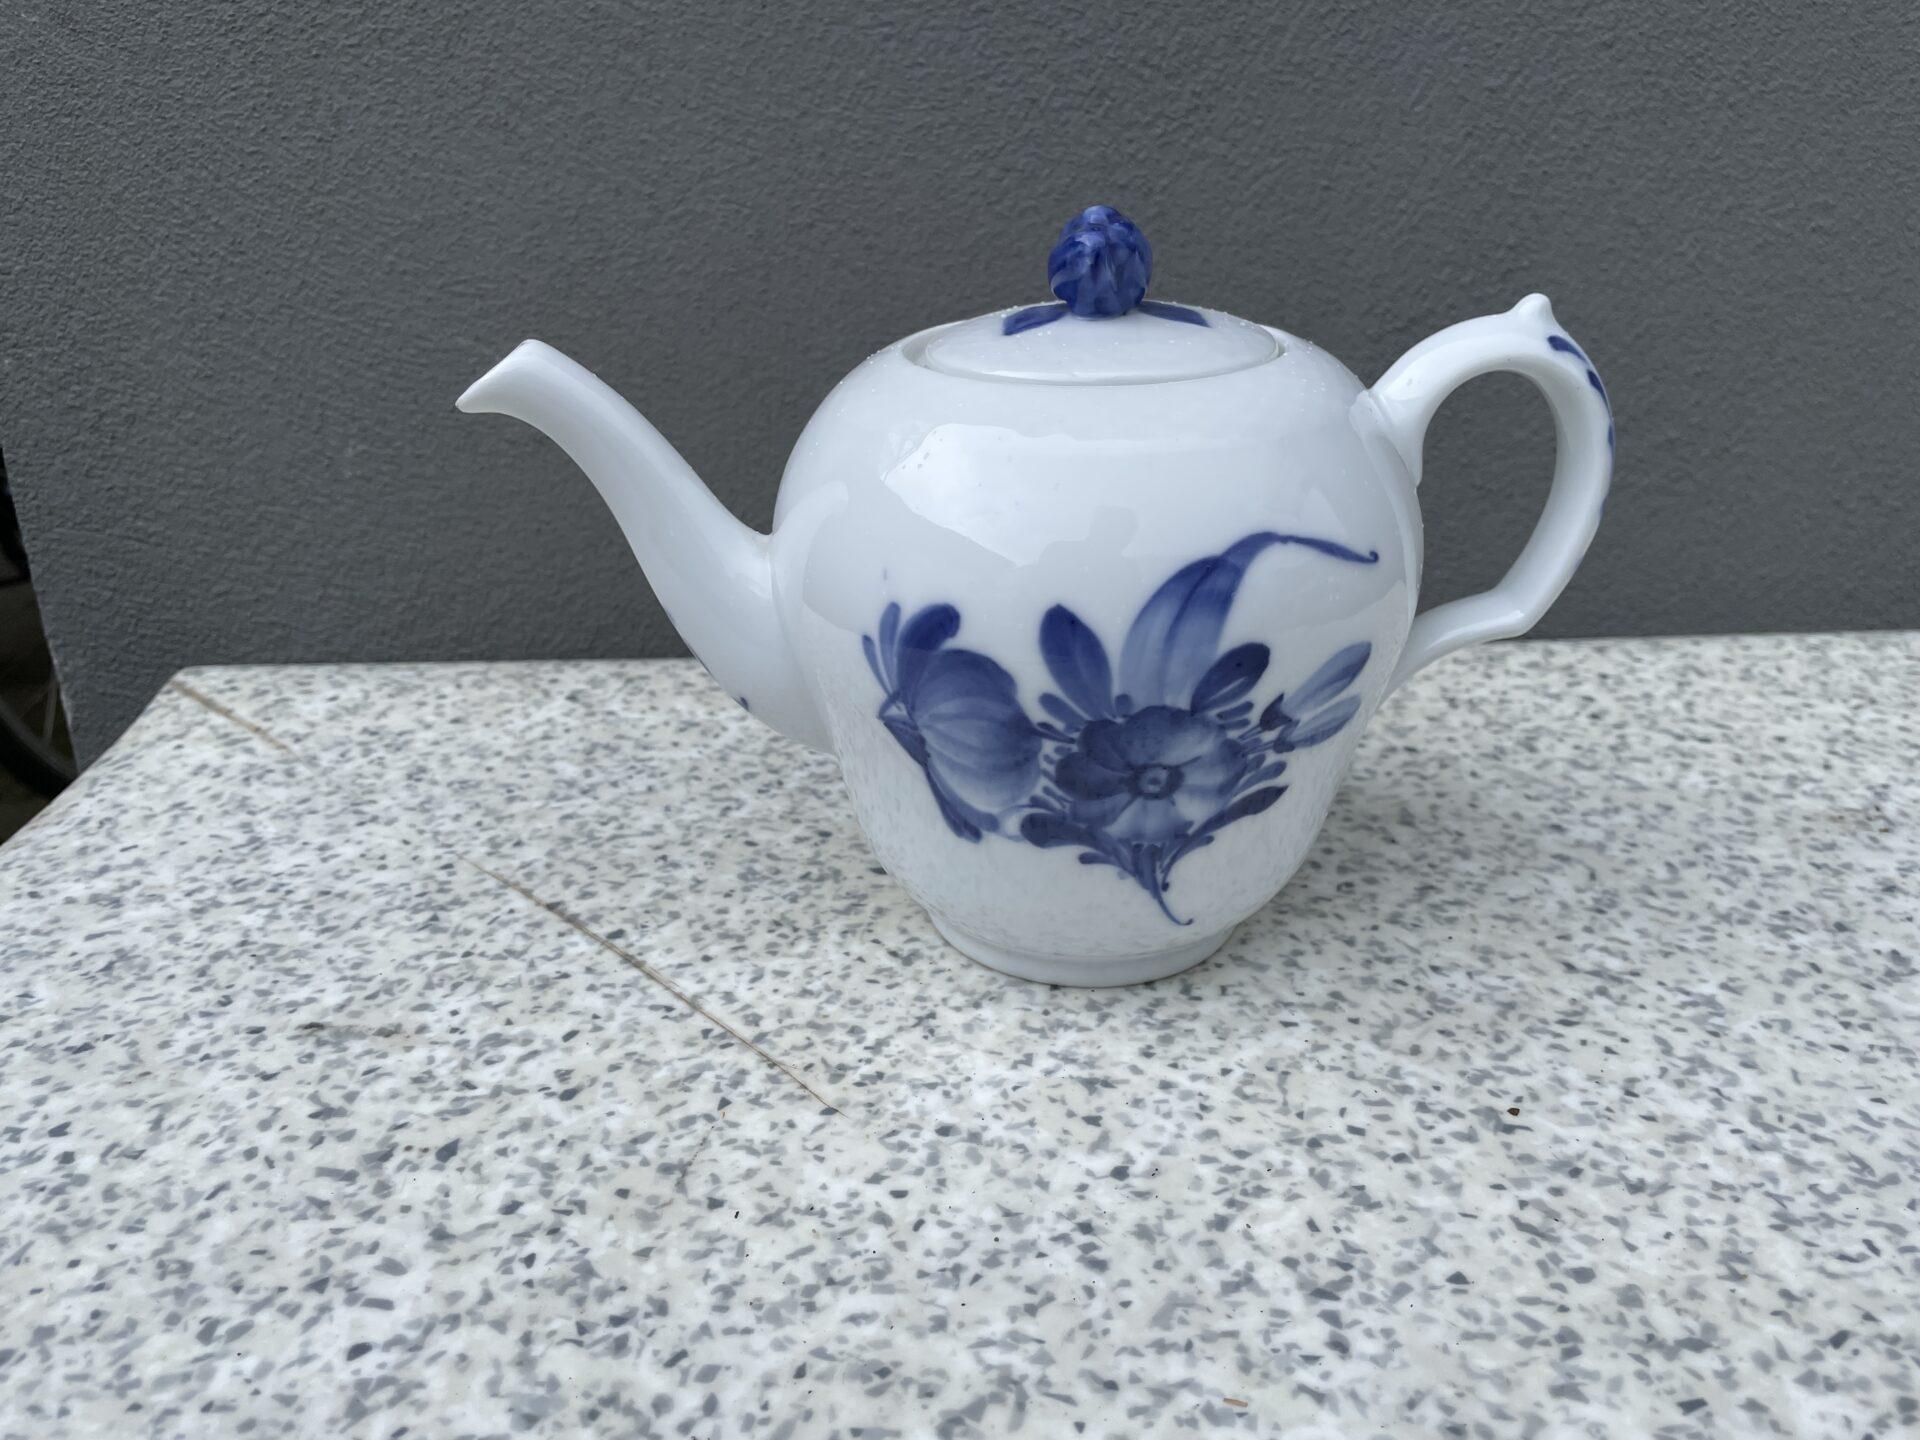 Kongelig Blå Blomst, flet, tekande nr 8244, 1. sortering, pris 700 kr.